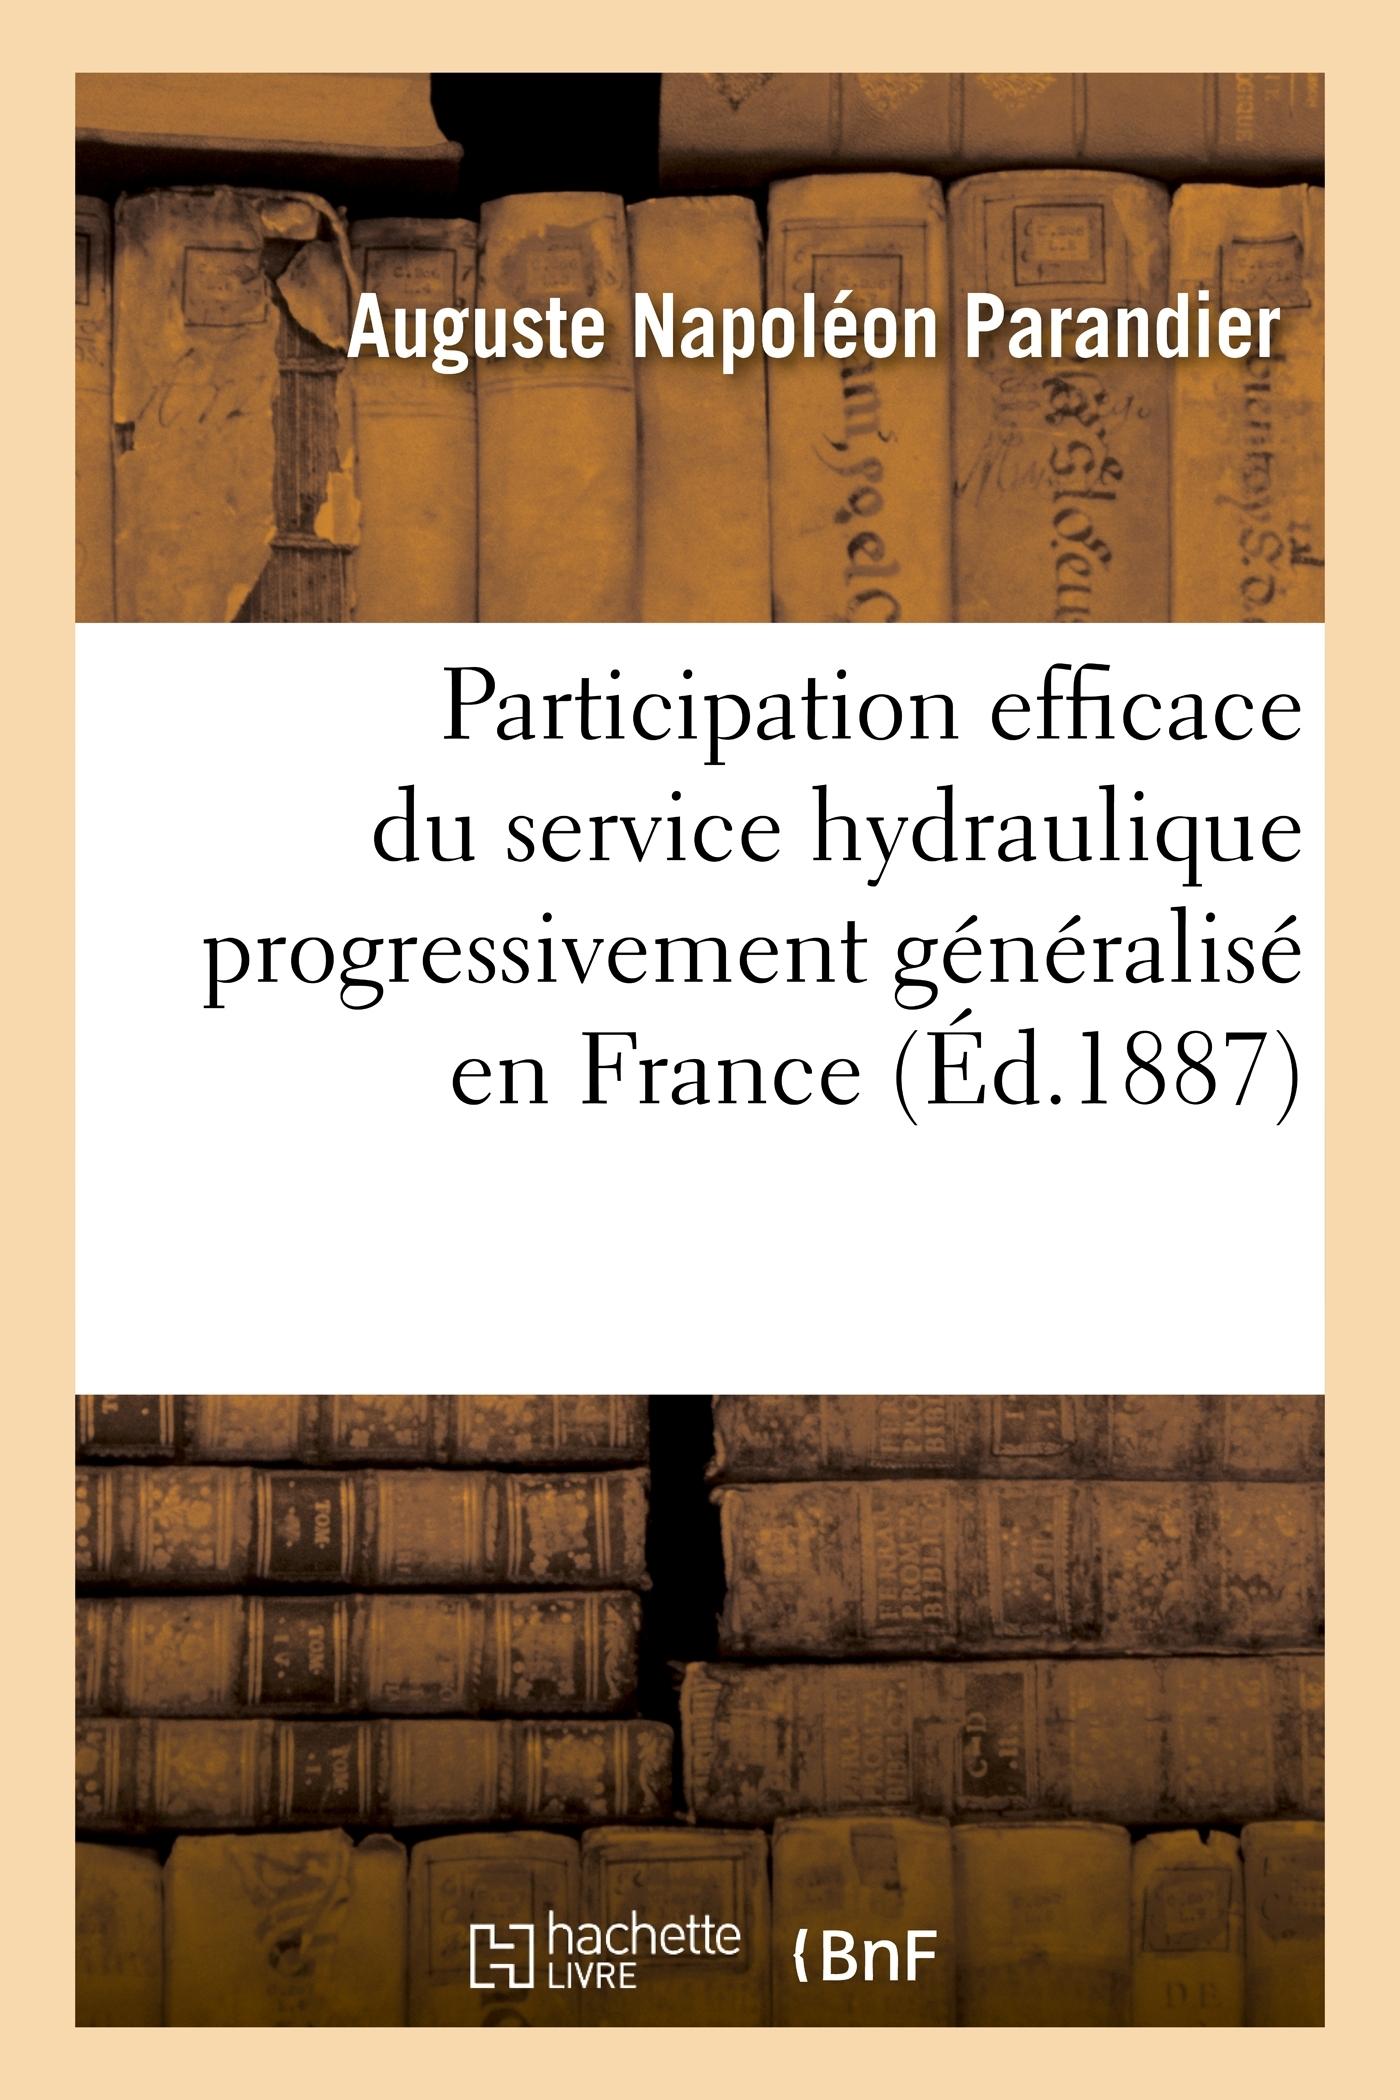 PARTICIPATION EFFICACE DU SERVICE HYDRAULIQUE PROGRESSIVEMENT GENERALISE EN FRANCE AU RELEVEMENT - D